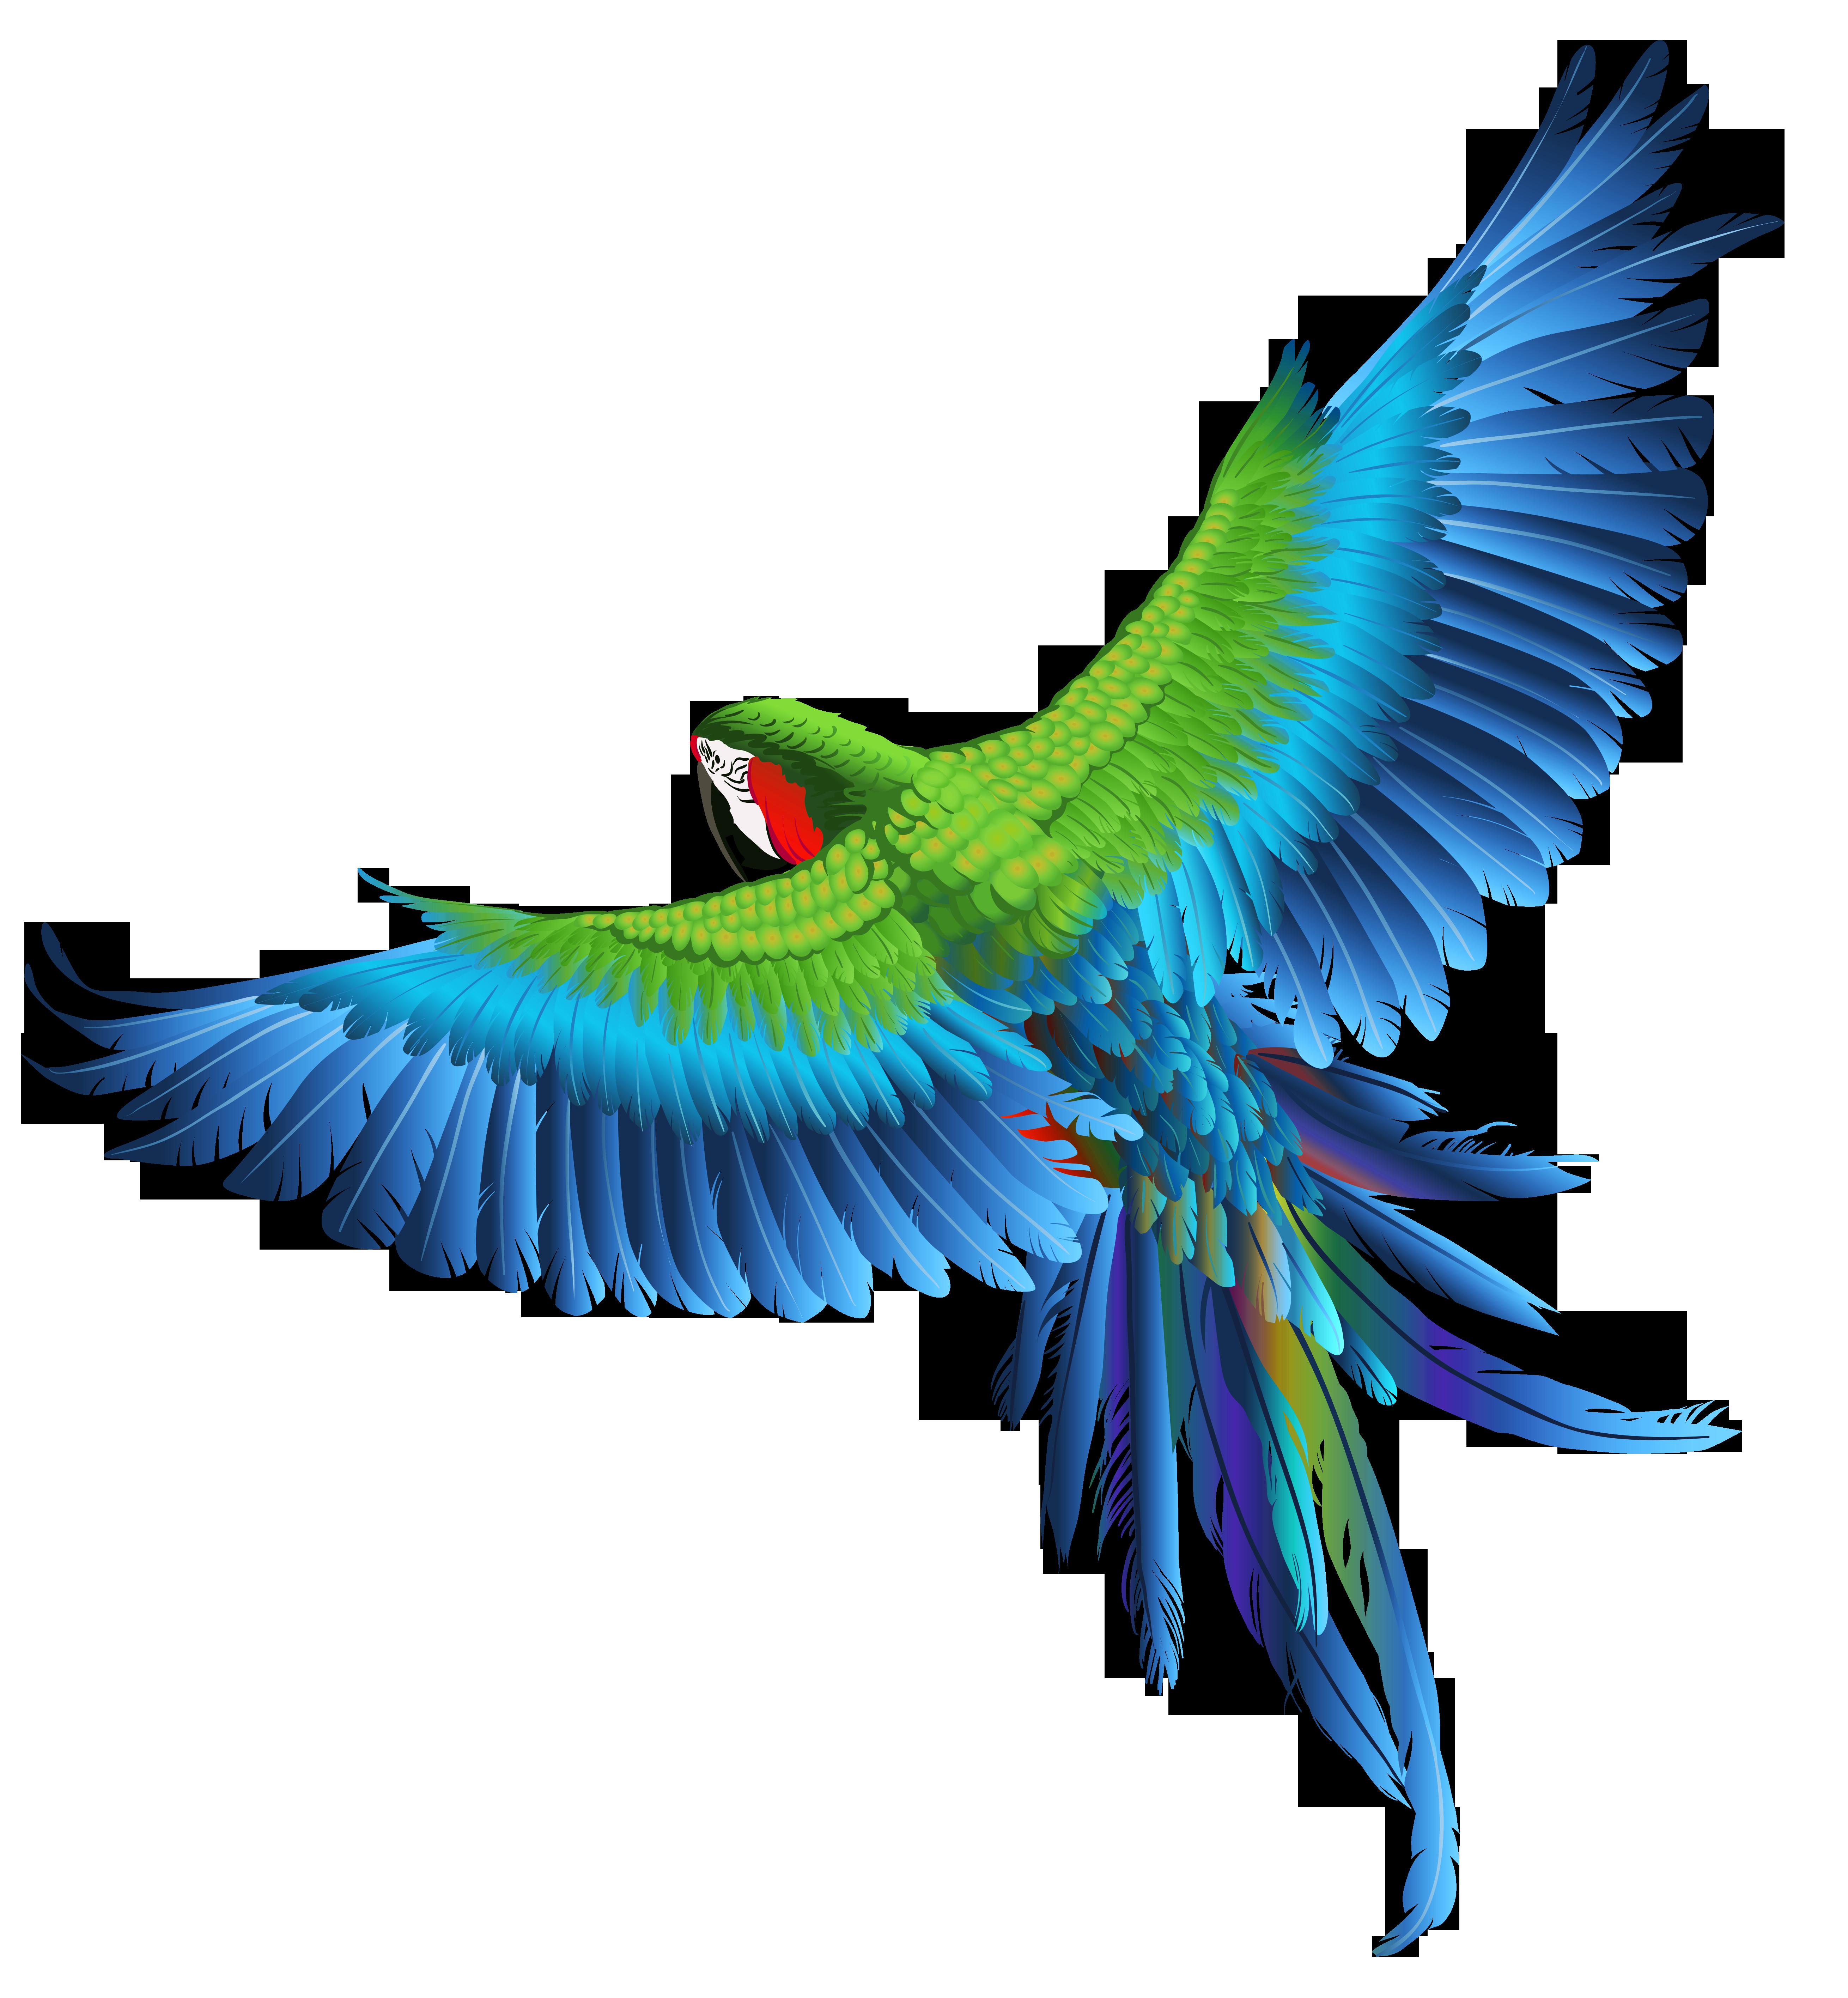 Transparent_Parrot_Clipart_Picture.png?m=1425938228.